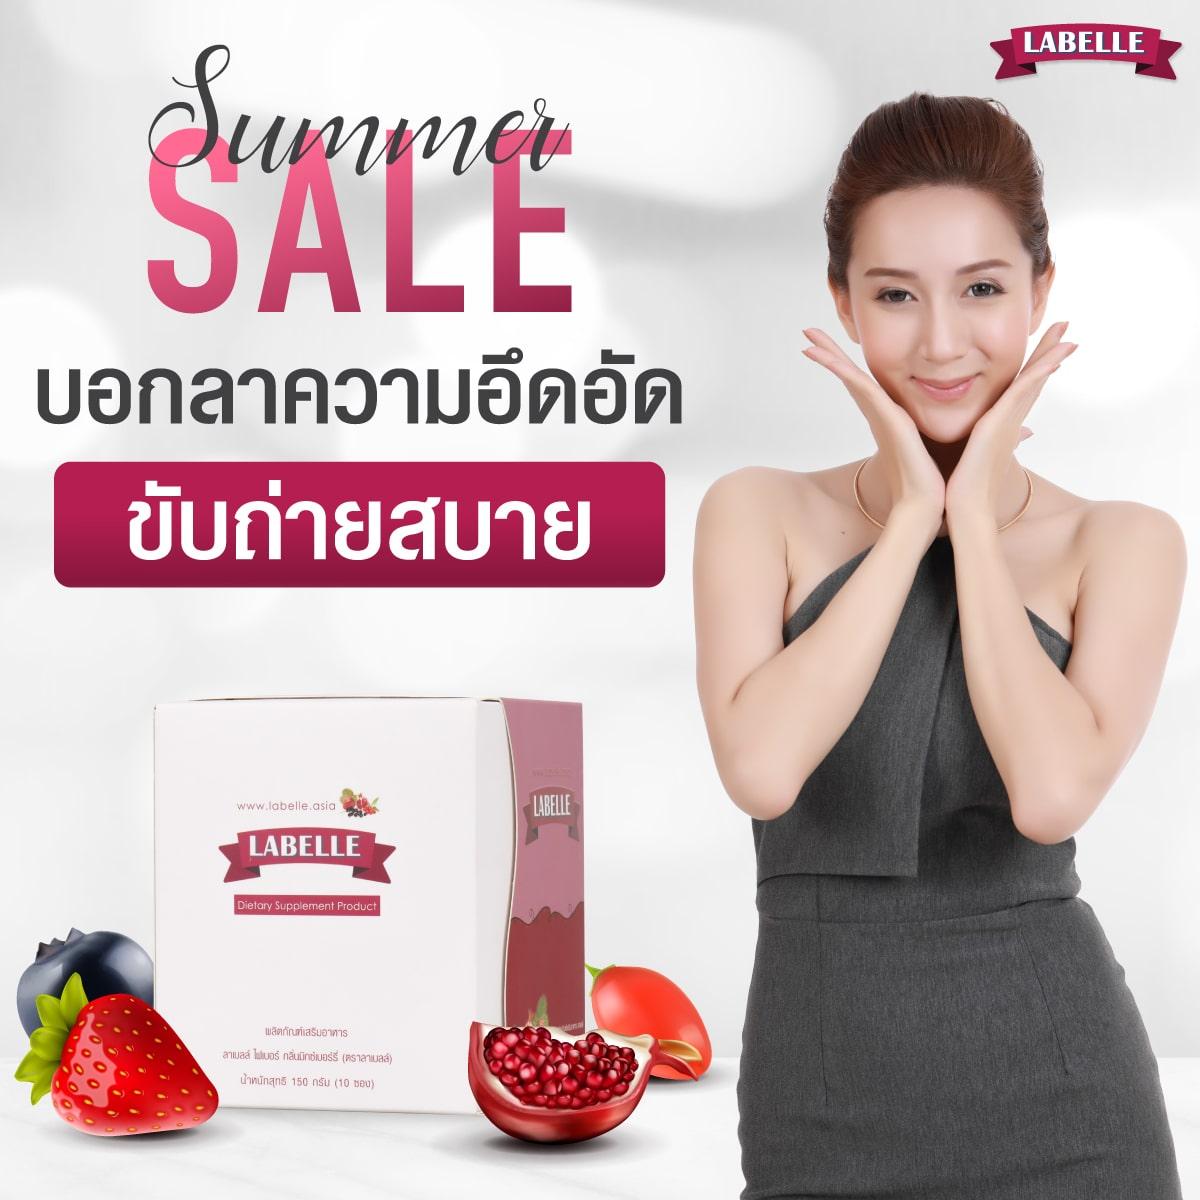 labelle Promotion